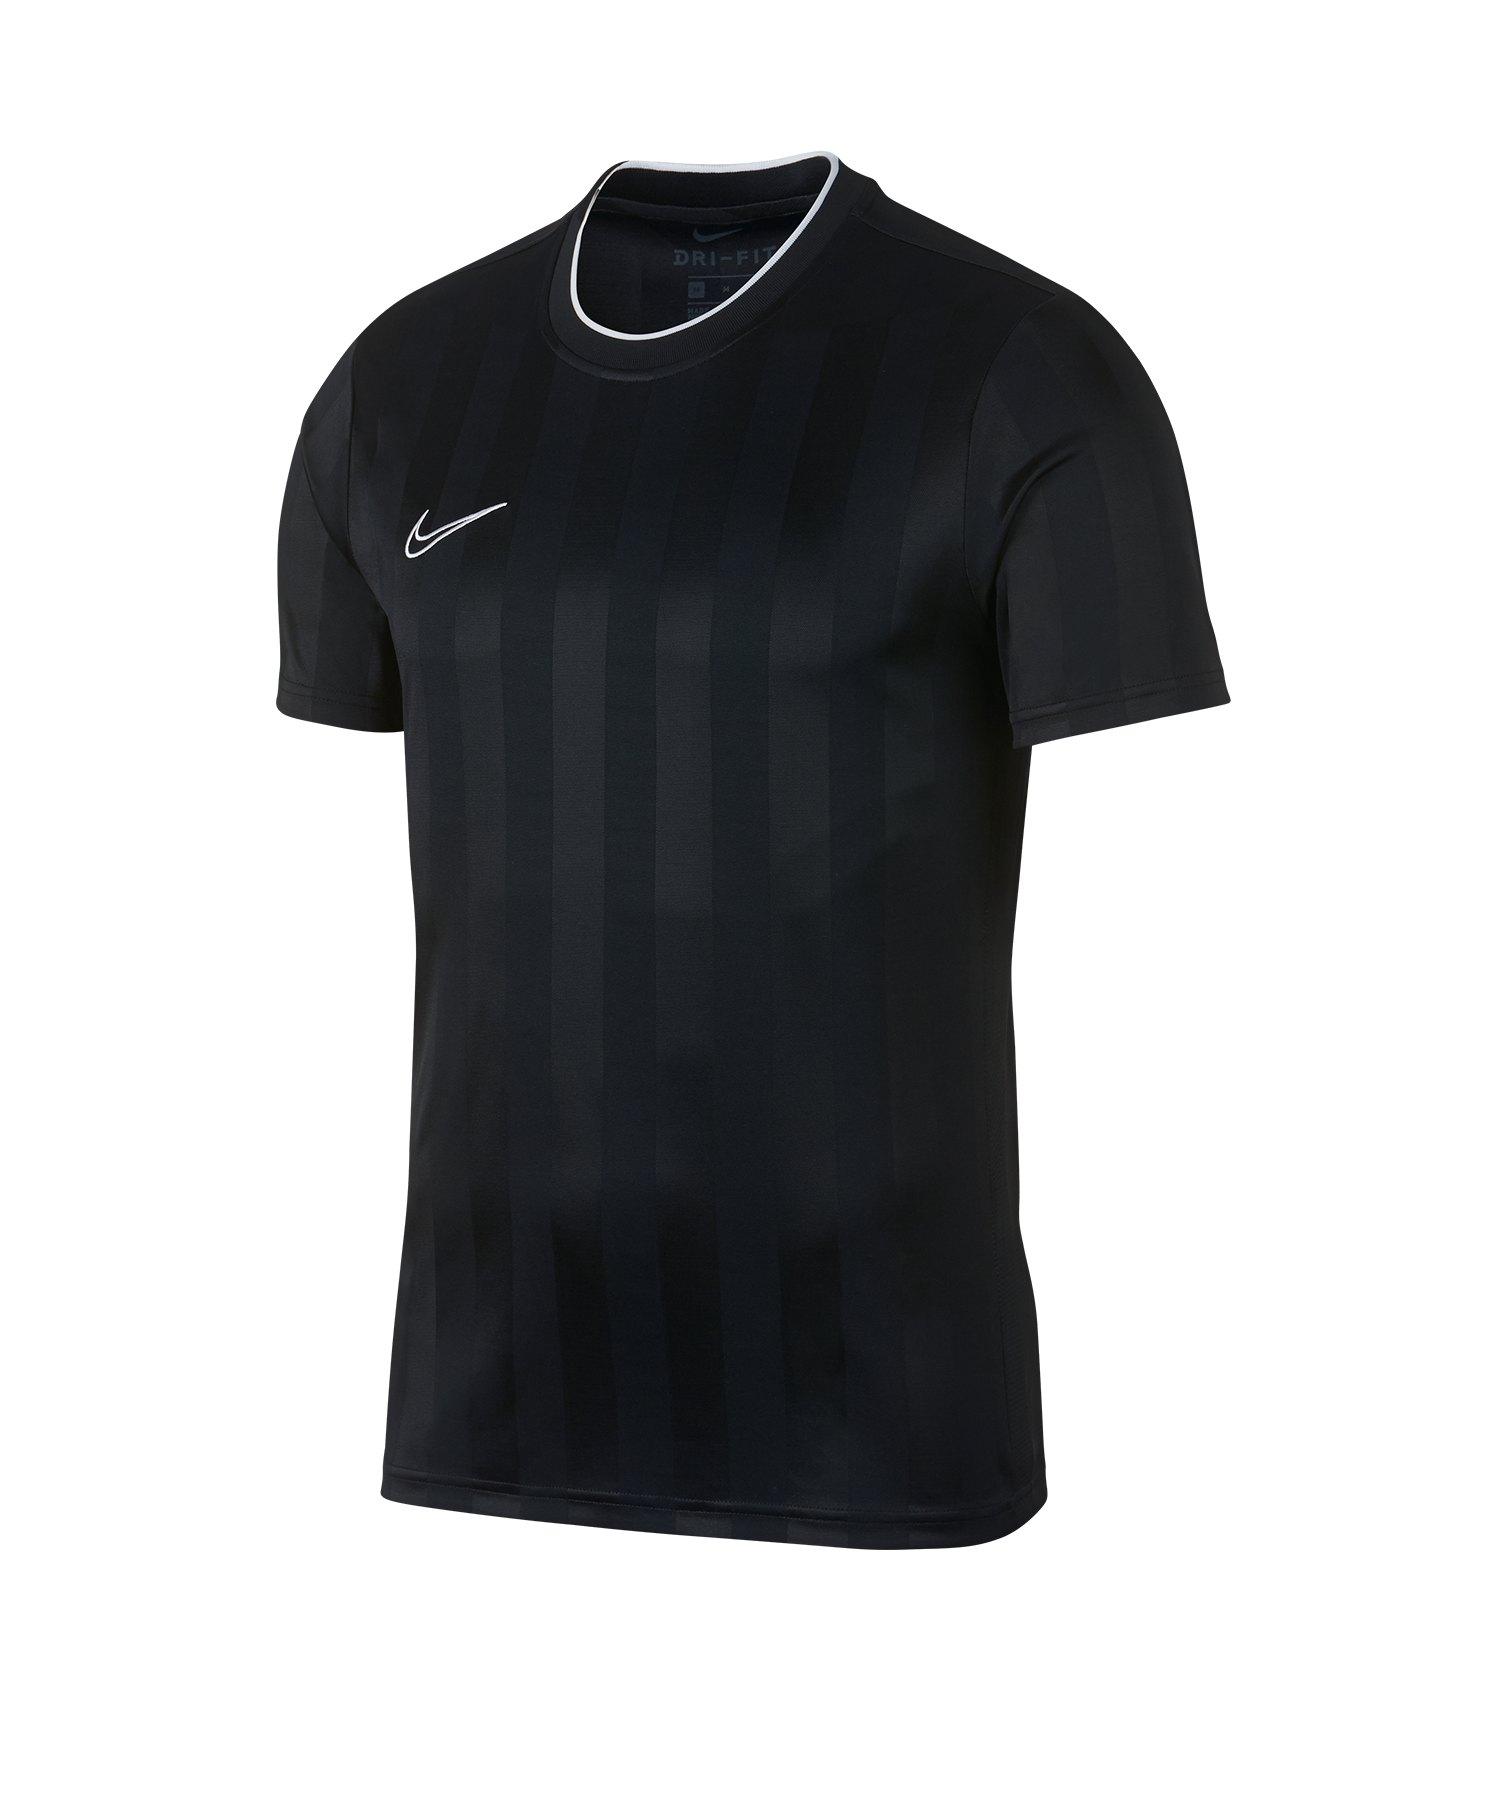 Nike F.C Breathe Academy T-Shirt Schwarz F010 - schwarz